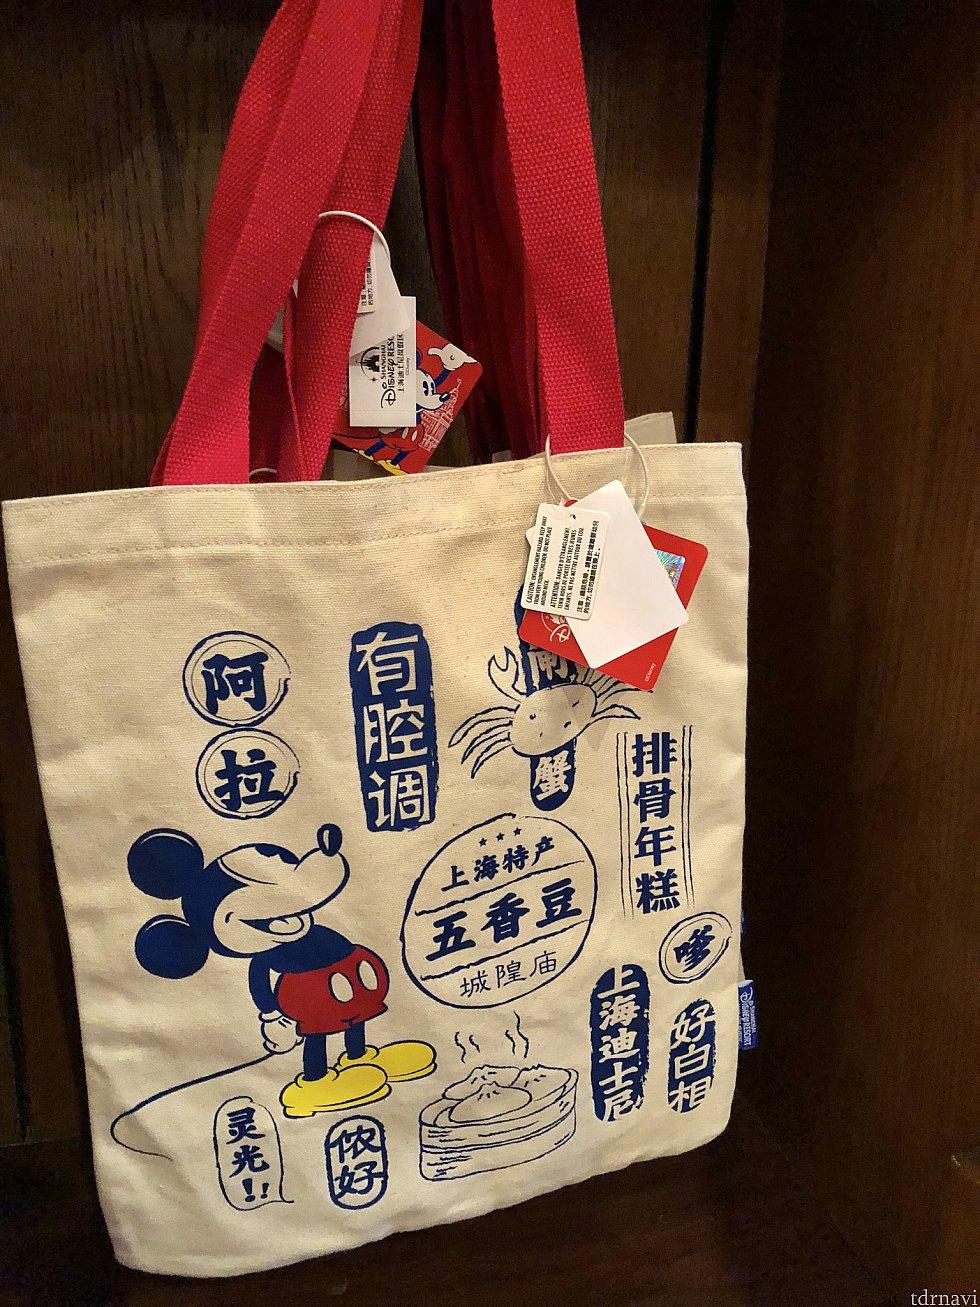 トートバッグ 各79元。 上海語や名産品が書かれています。イラストも可愛い♡